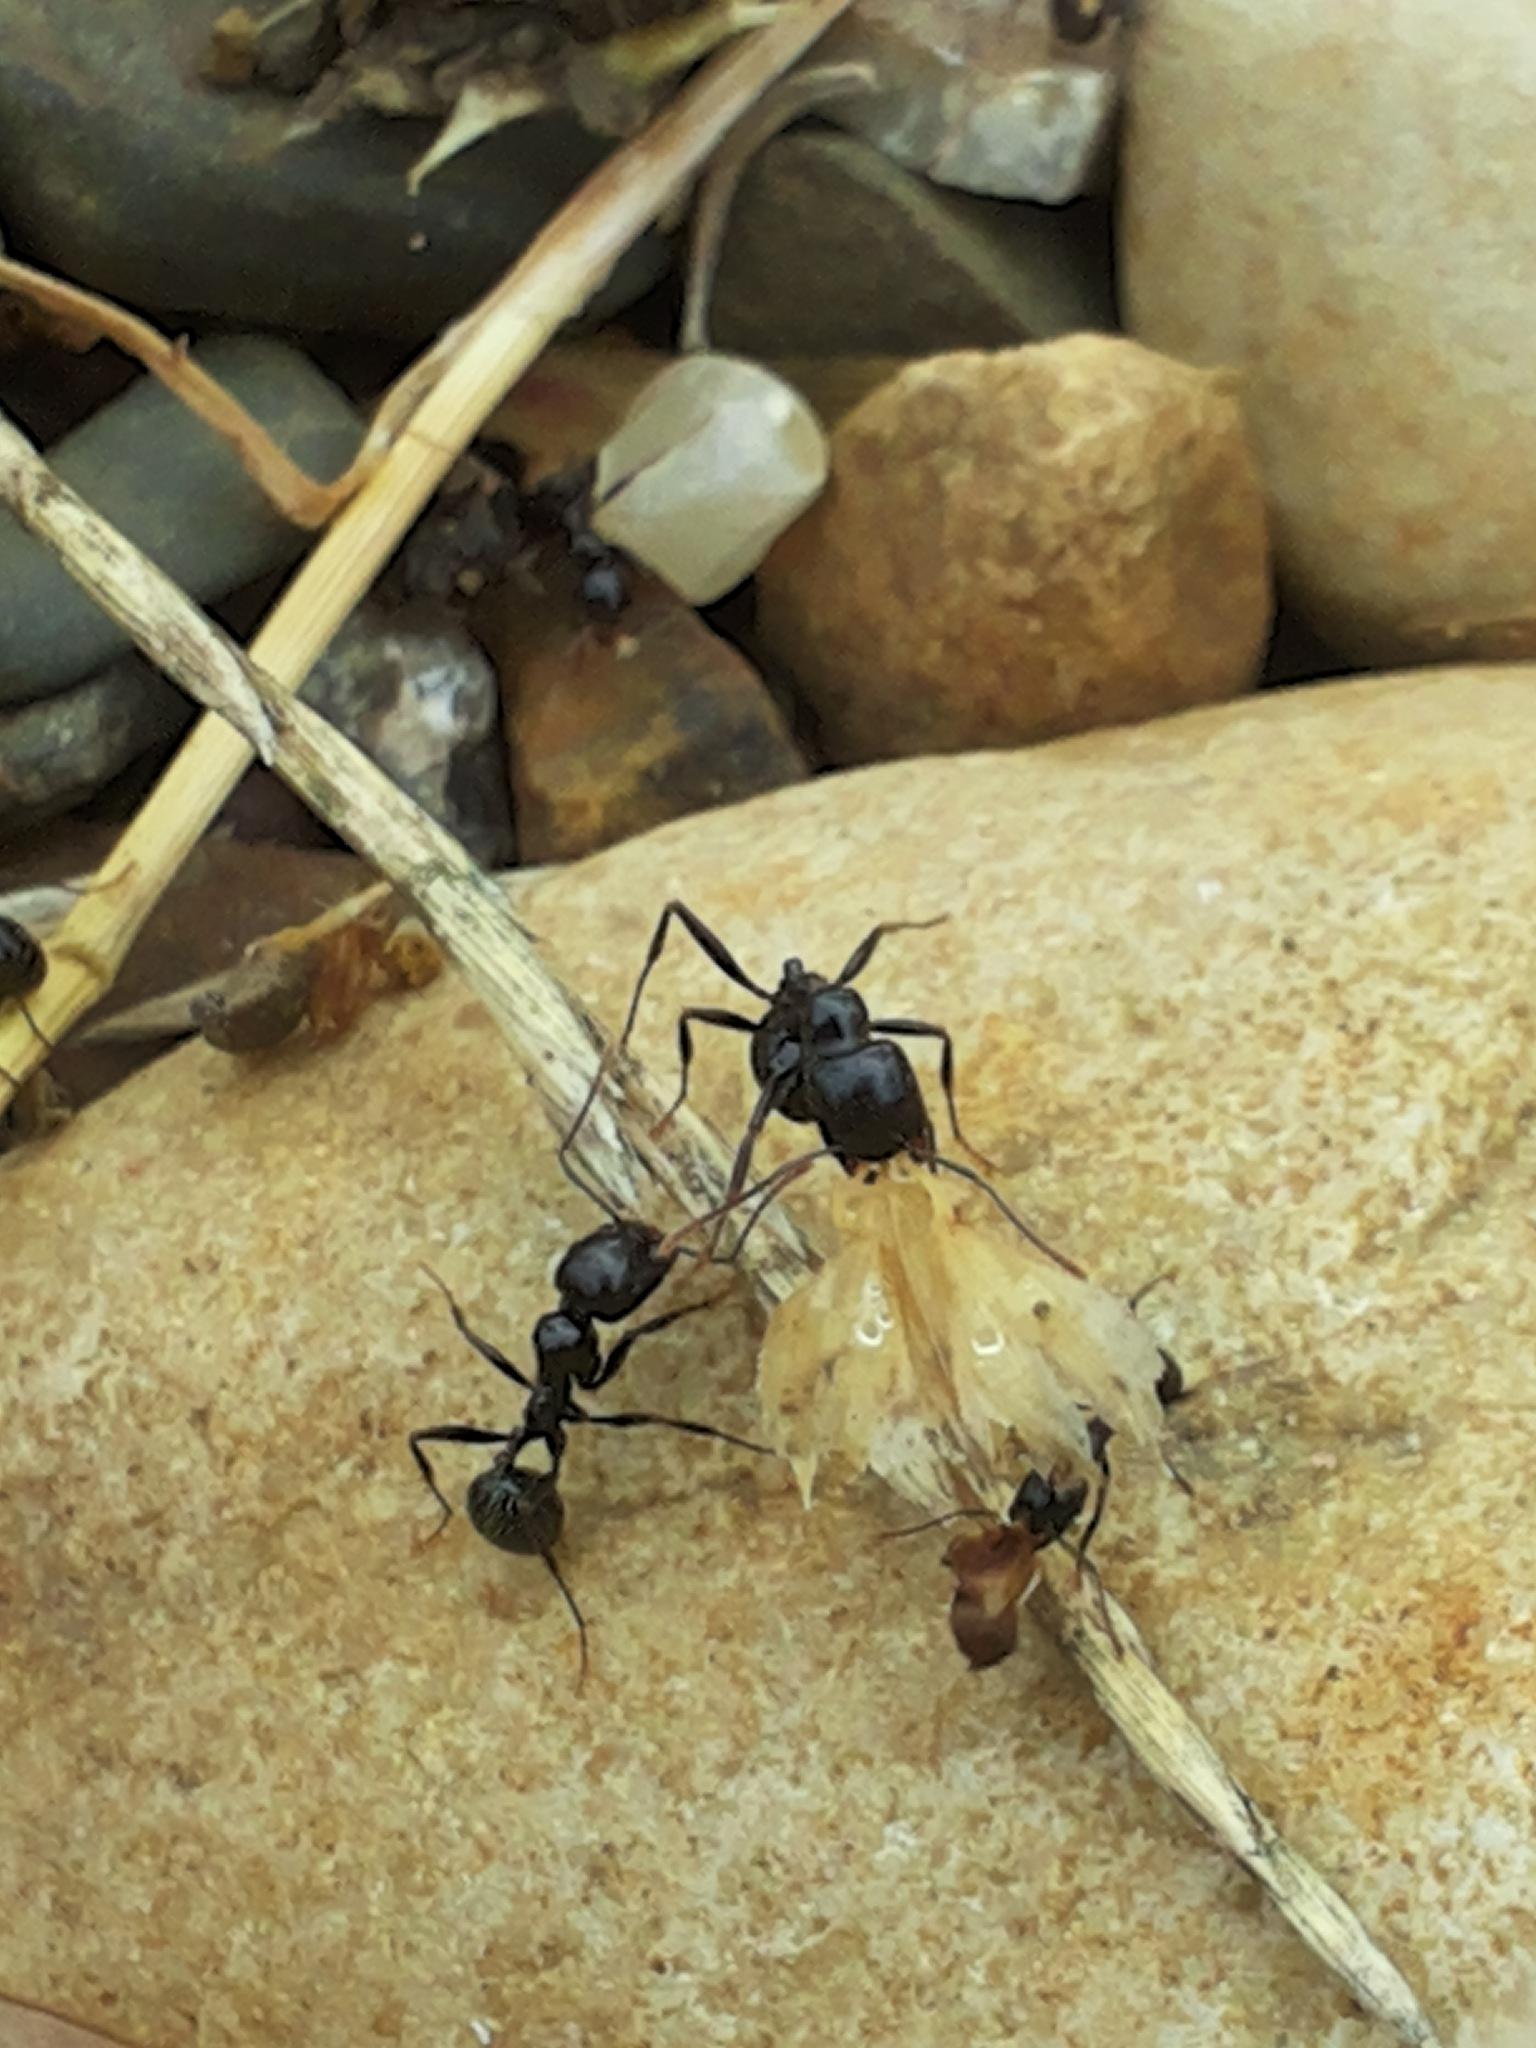 hard working  ants  by Zakaria Daoudi